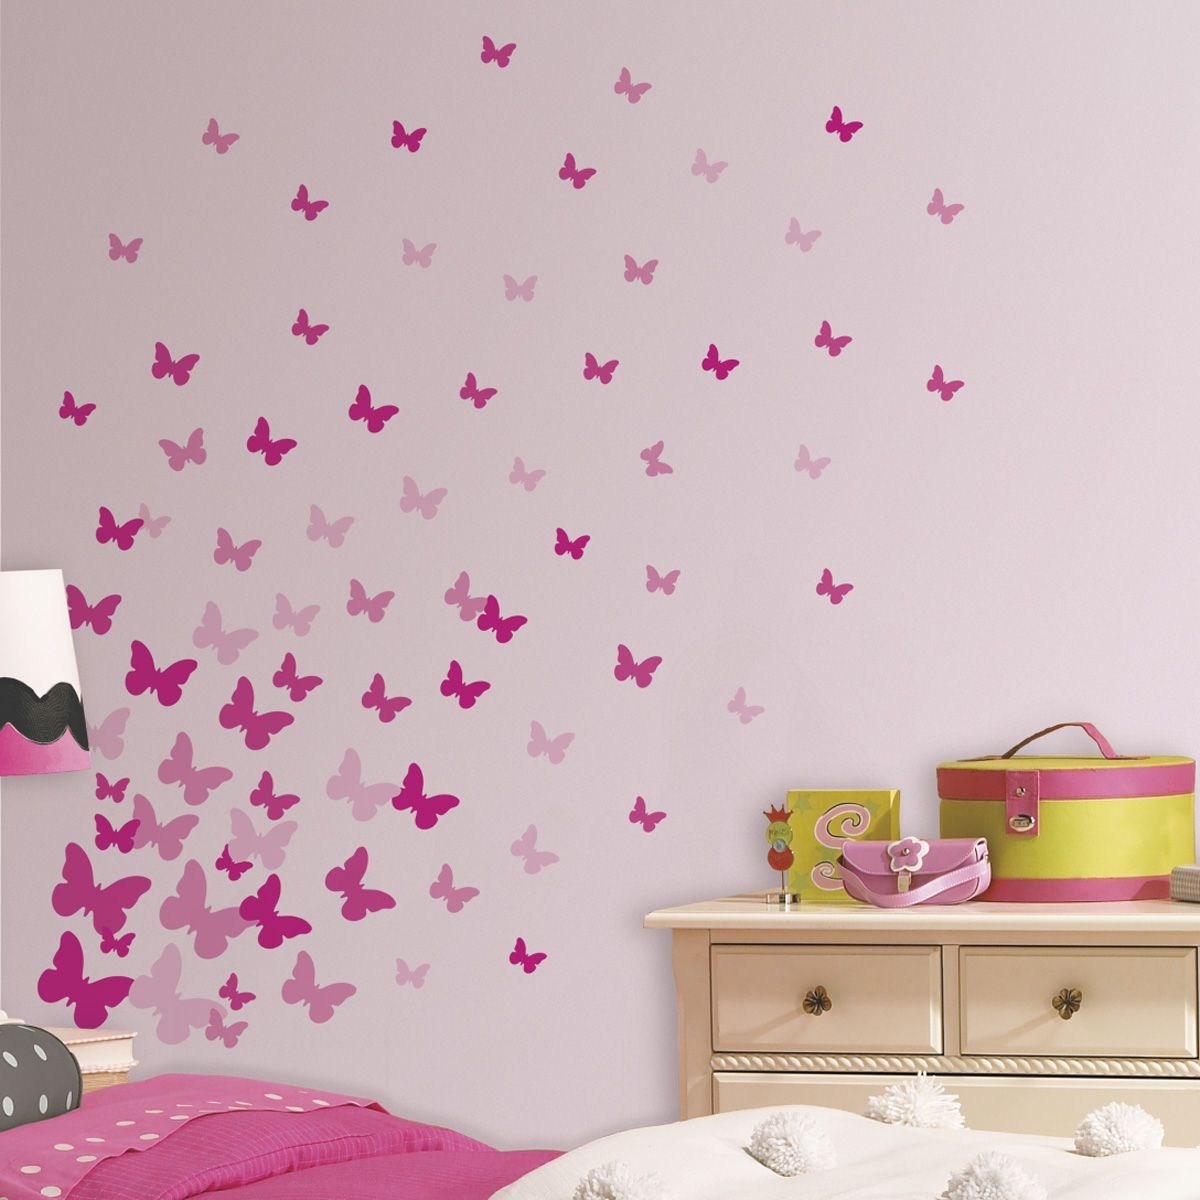 Wandtattoo Kinderzimmer Schmetterlinge Wandtattoo Pferd 43